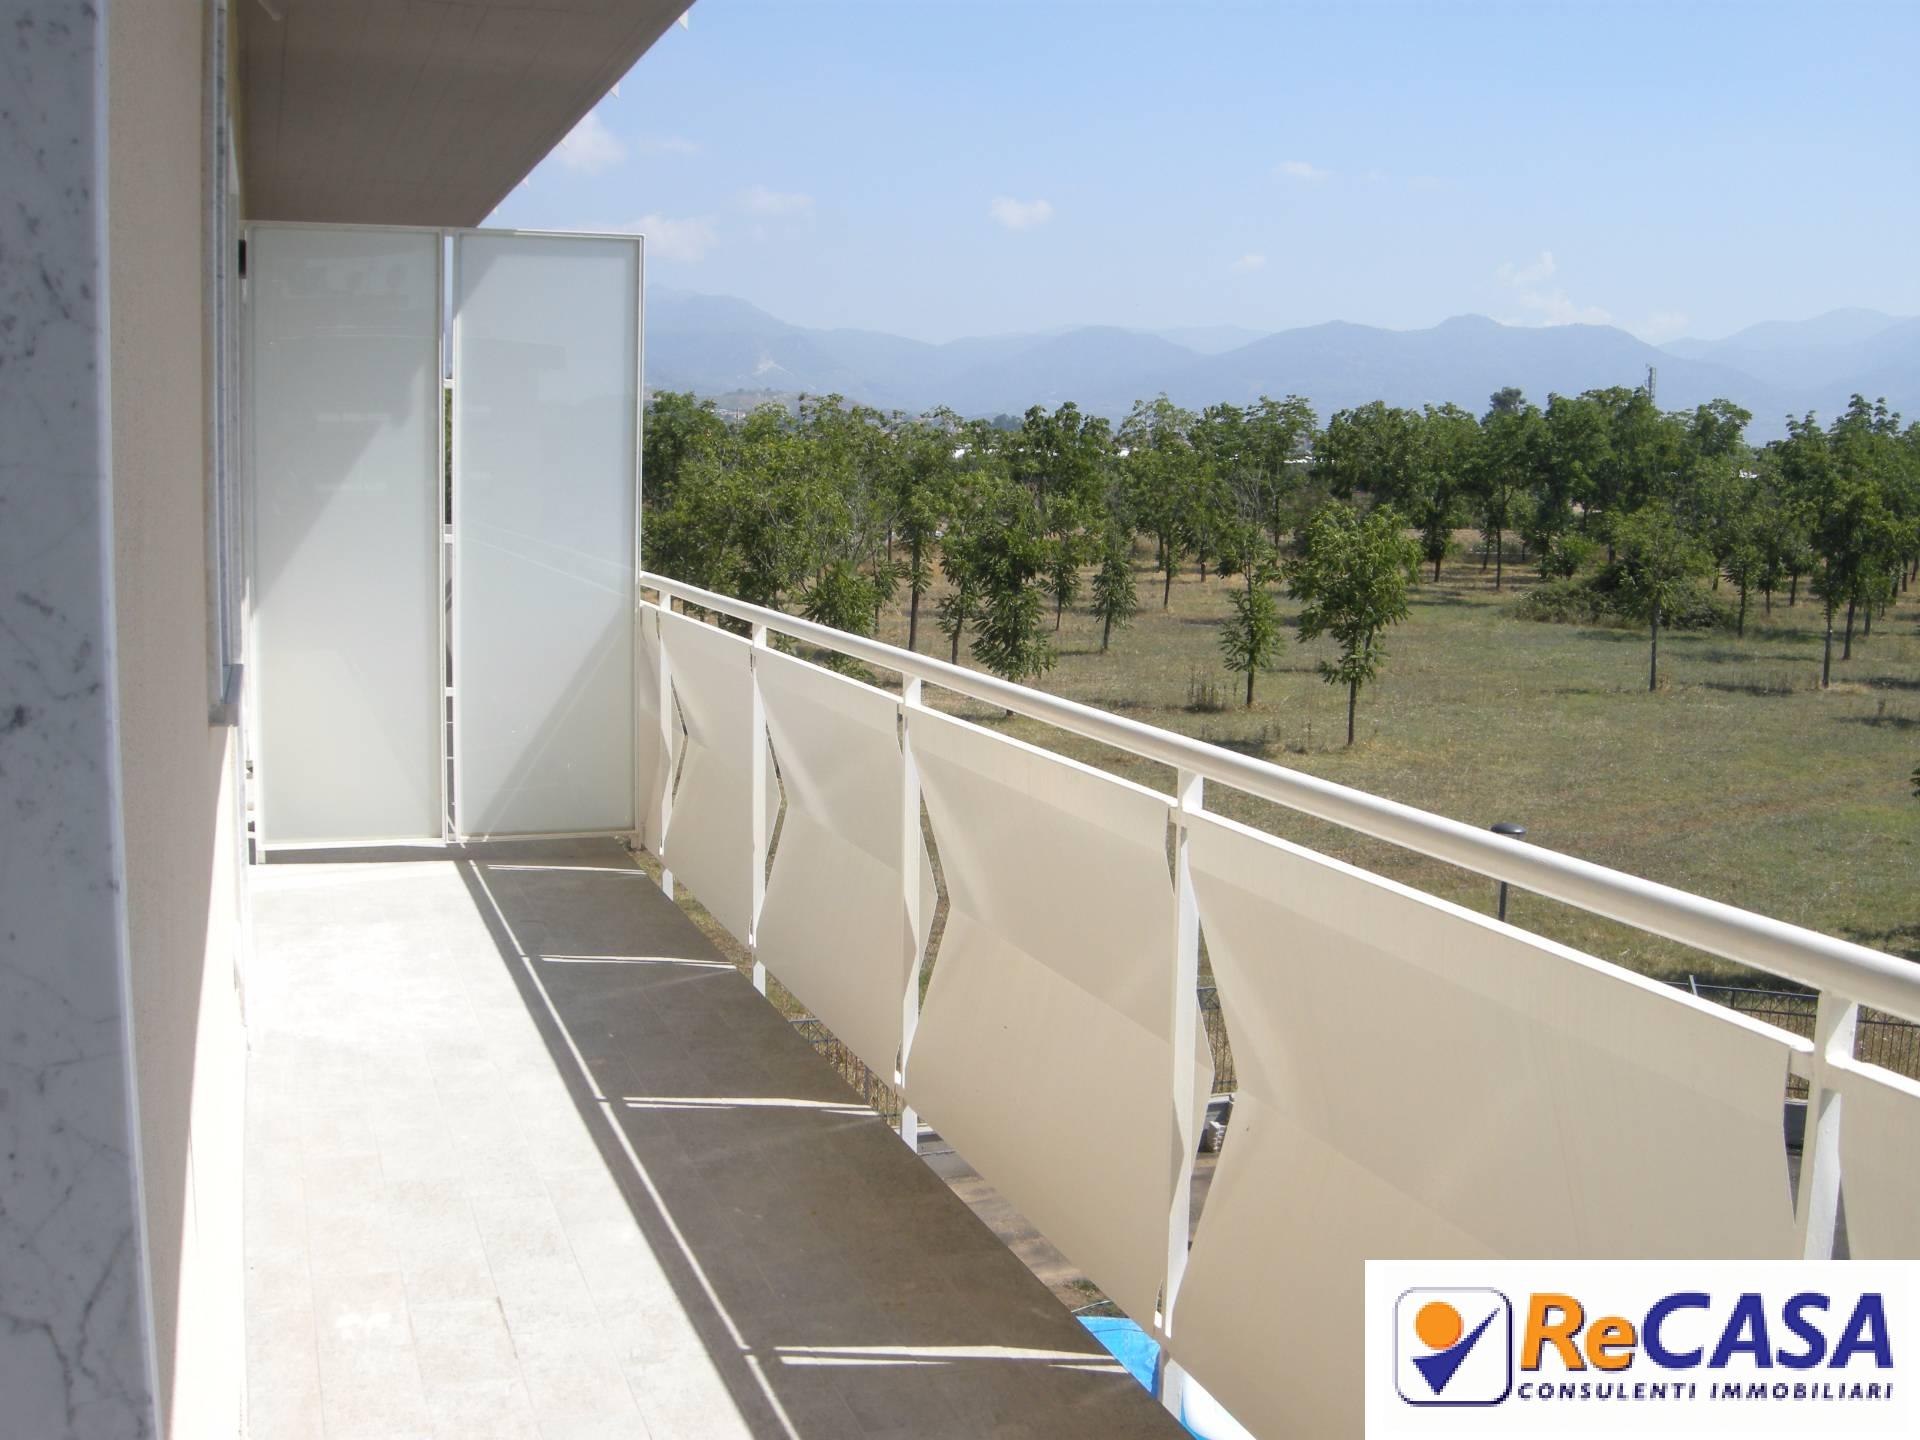 Appartamento in vendita a Montecorvino Pugliano, 2 locali, zona Località: BivioPratole, prezzo € 99.000 | CambioCasa.it